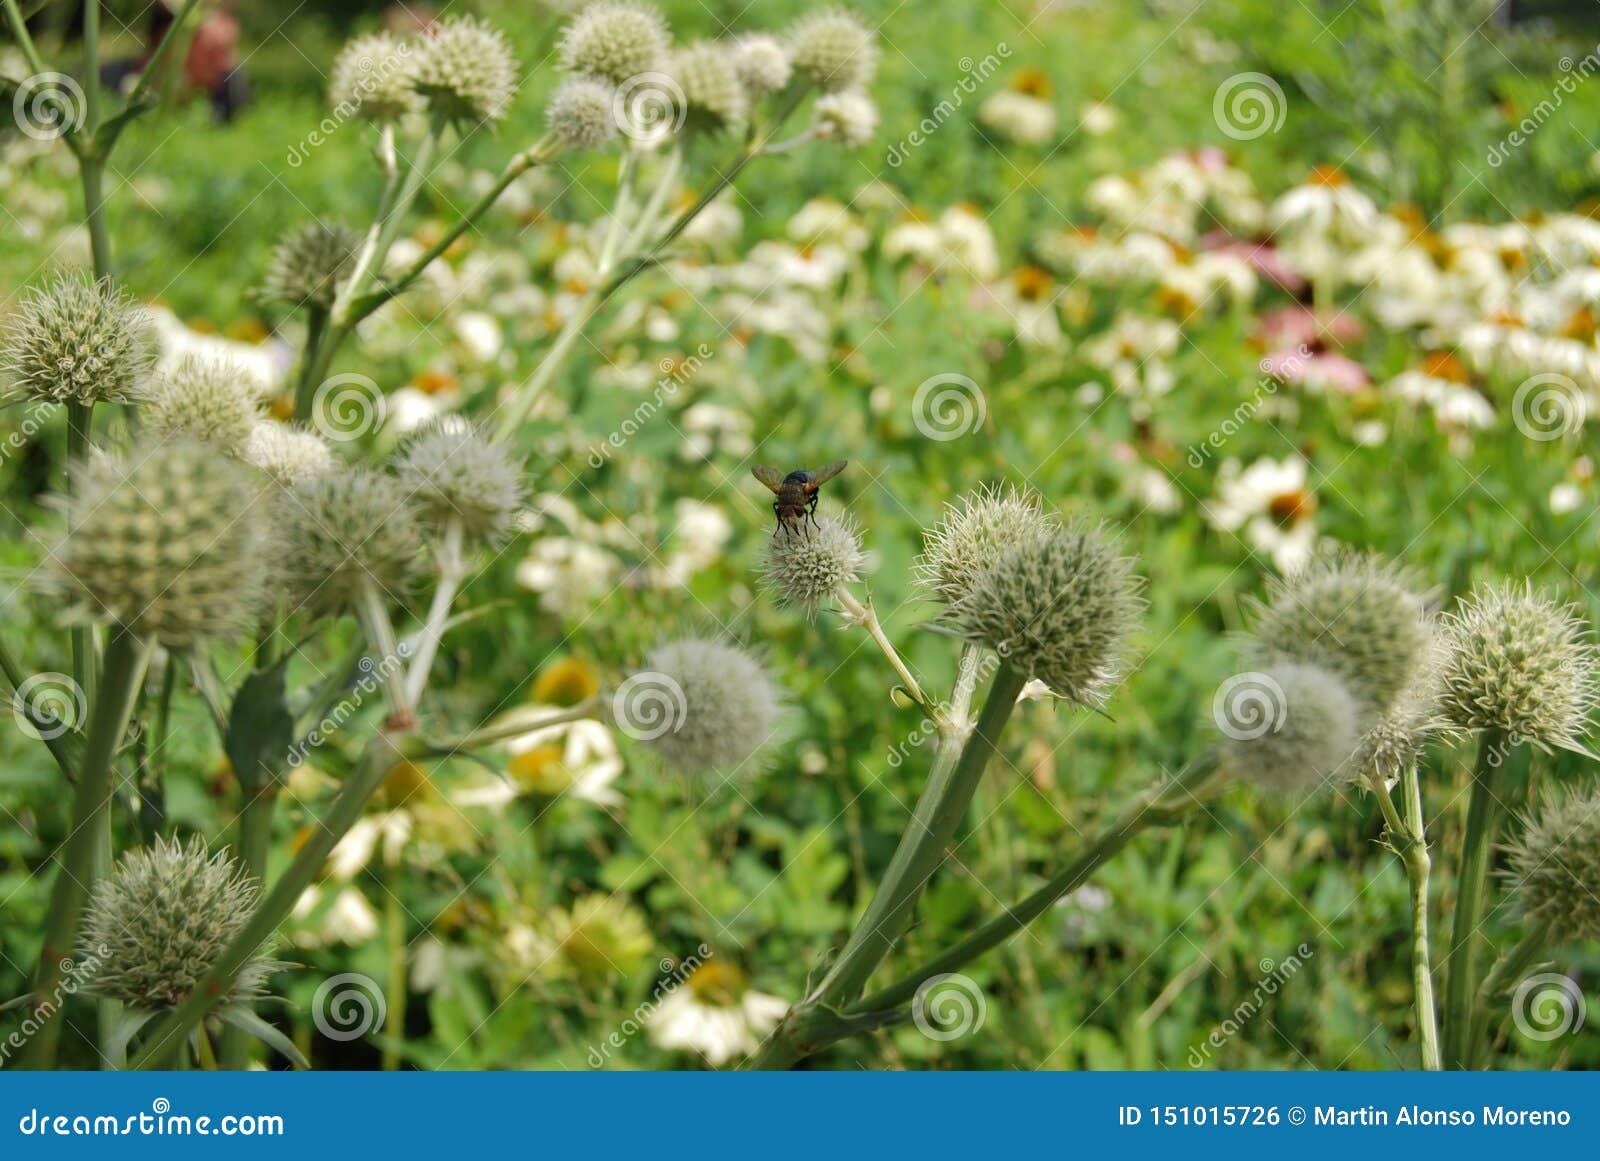 Mosca de Insec sobre la flor